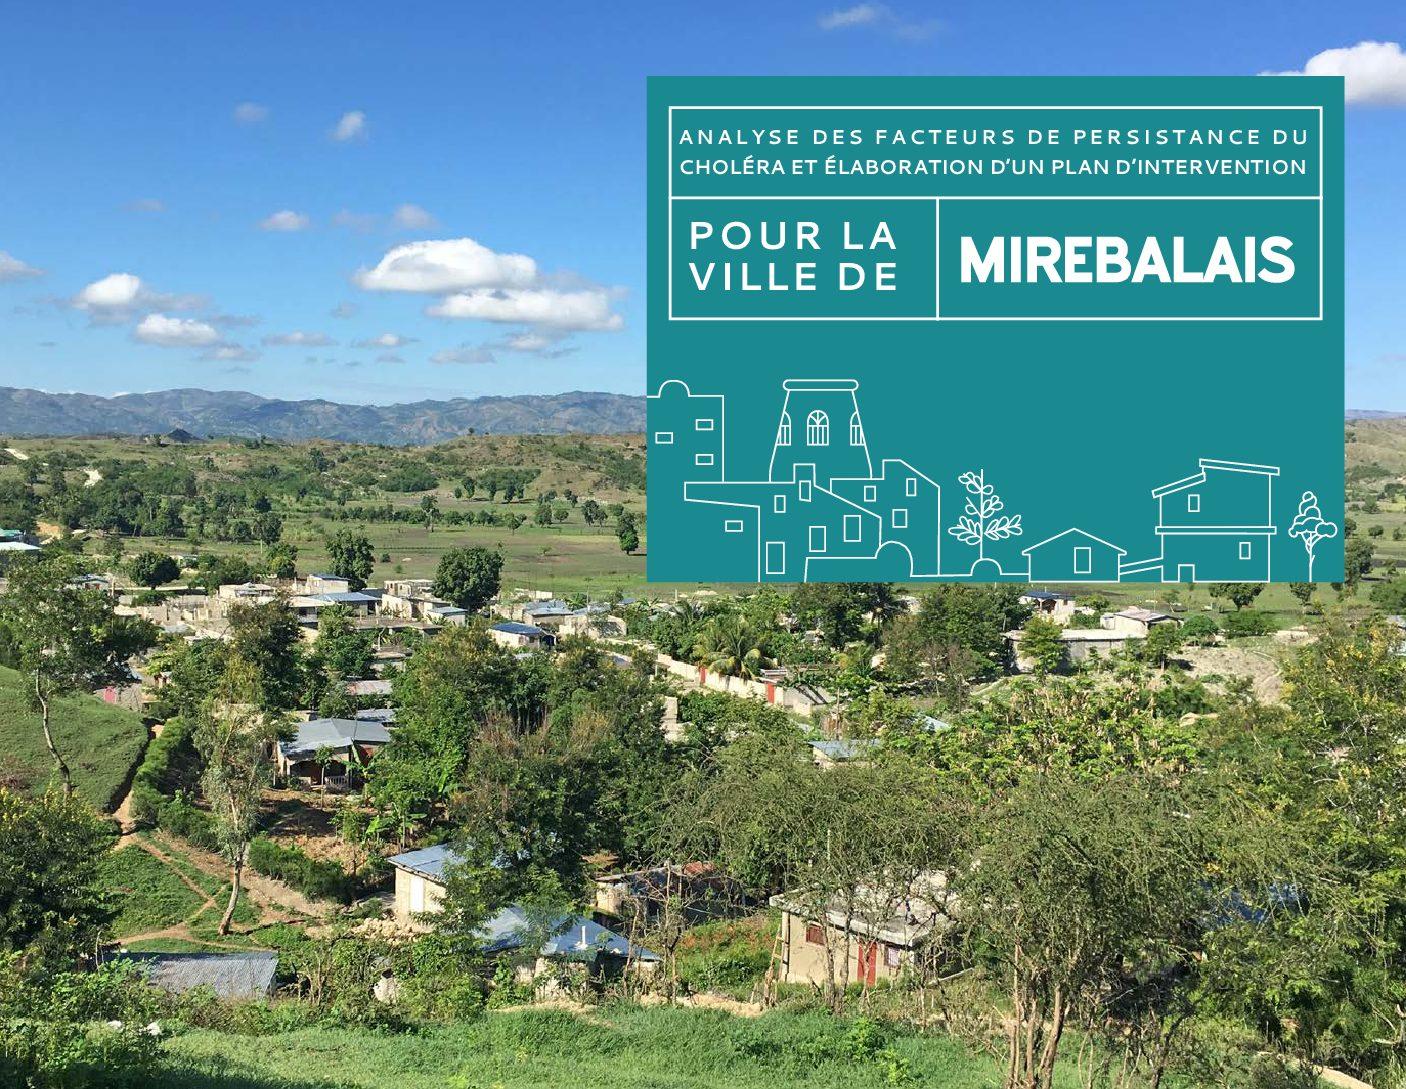 Analyse des facteurs de persistance du choléra et élaboration d'un plan d'intervention – Mirebalais